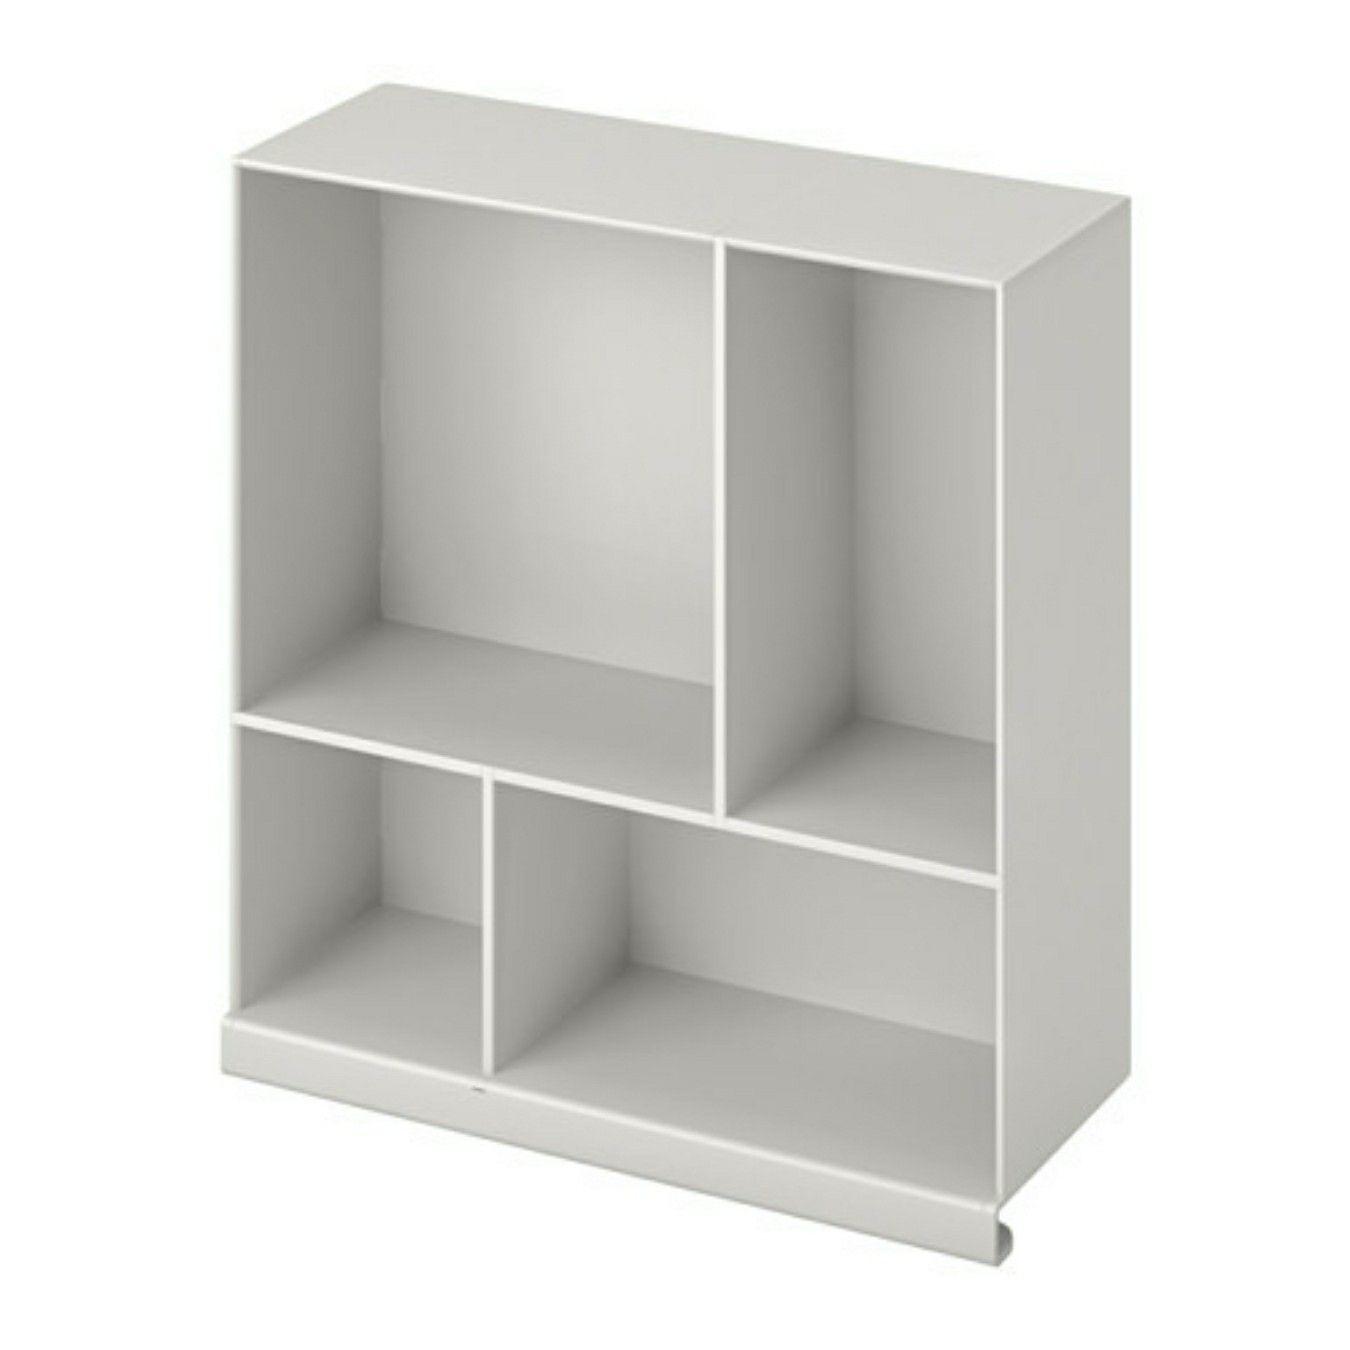 Ikea Regal Kallax Turen